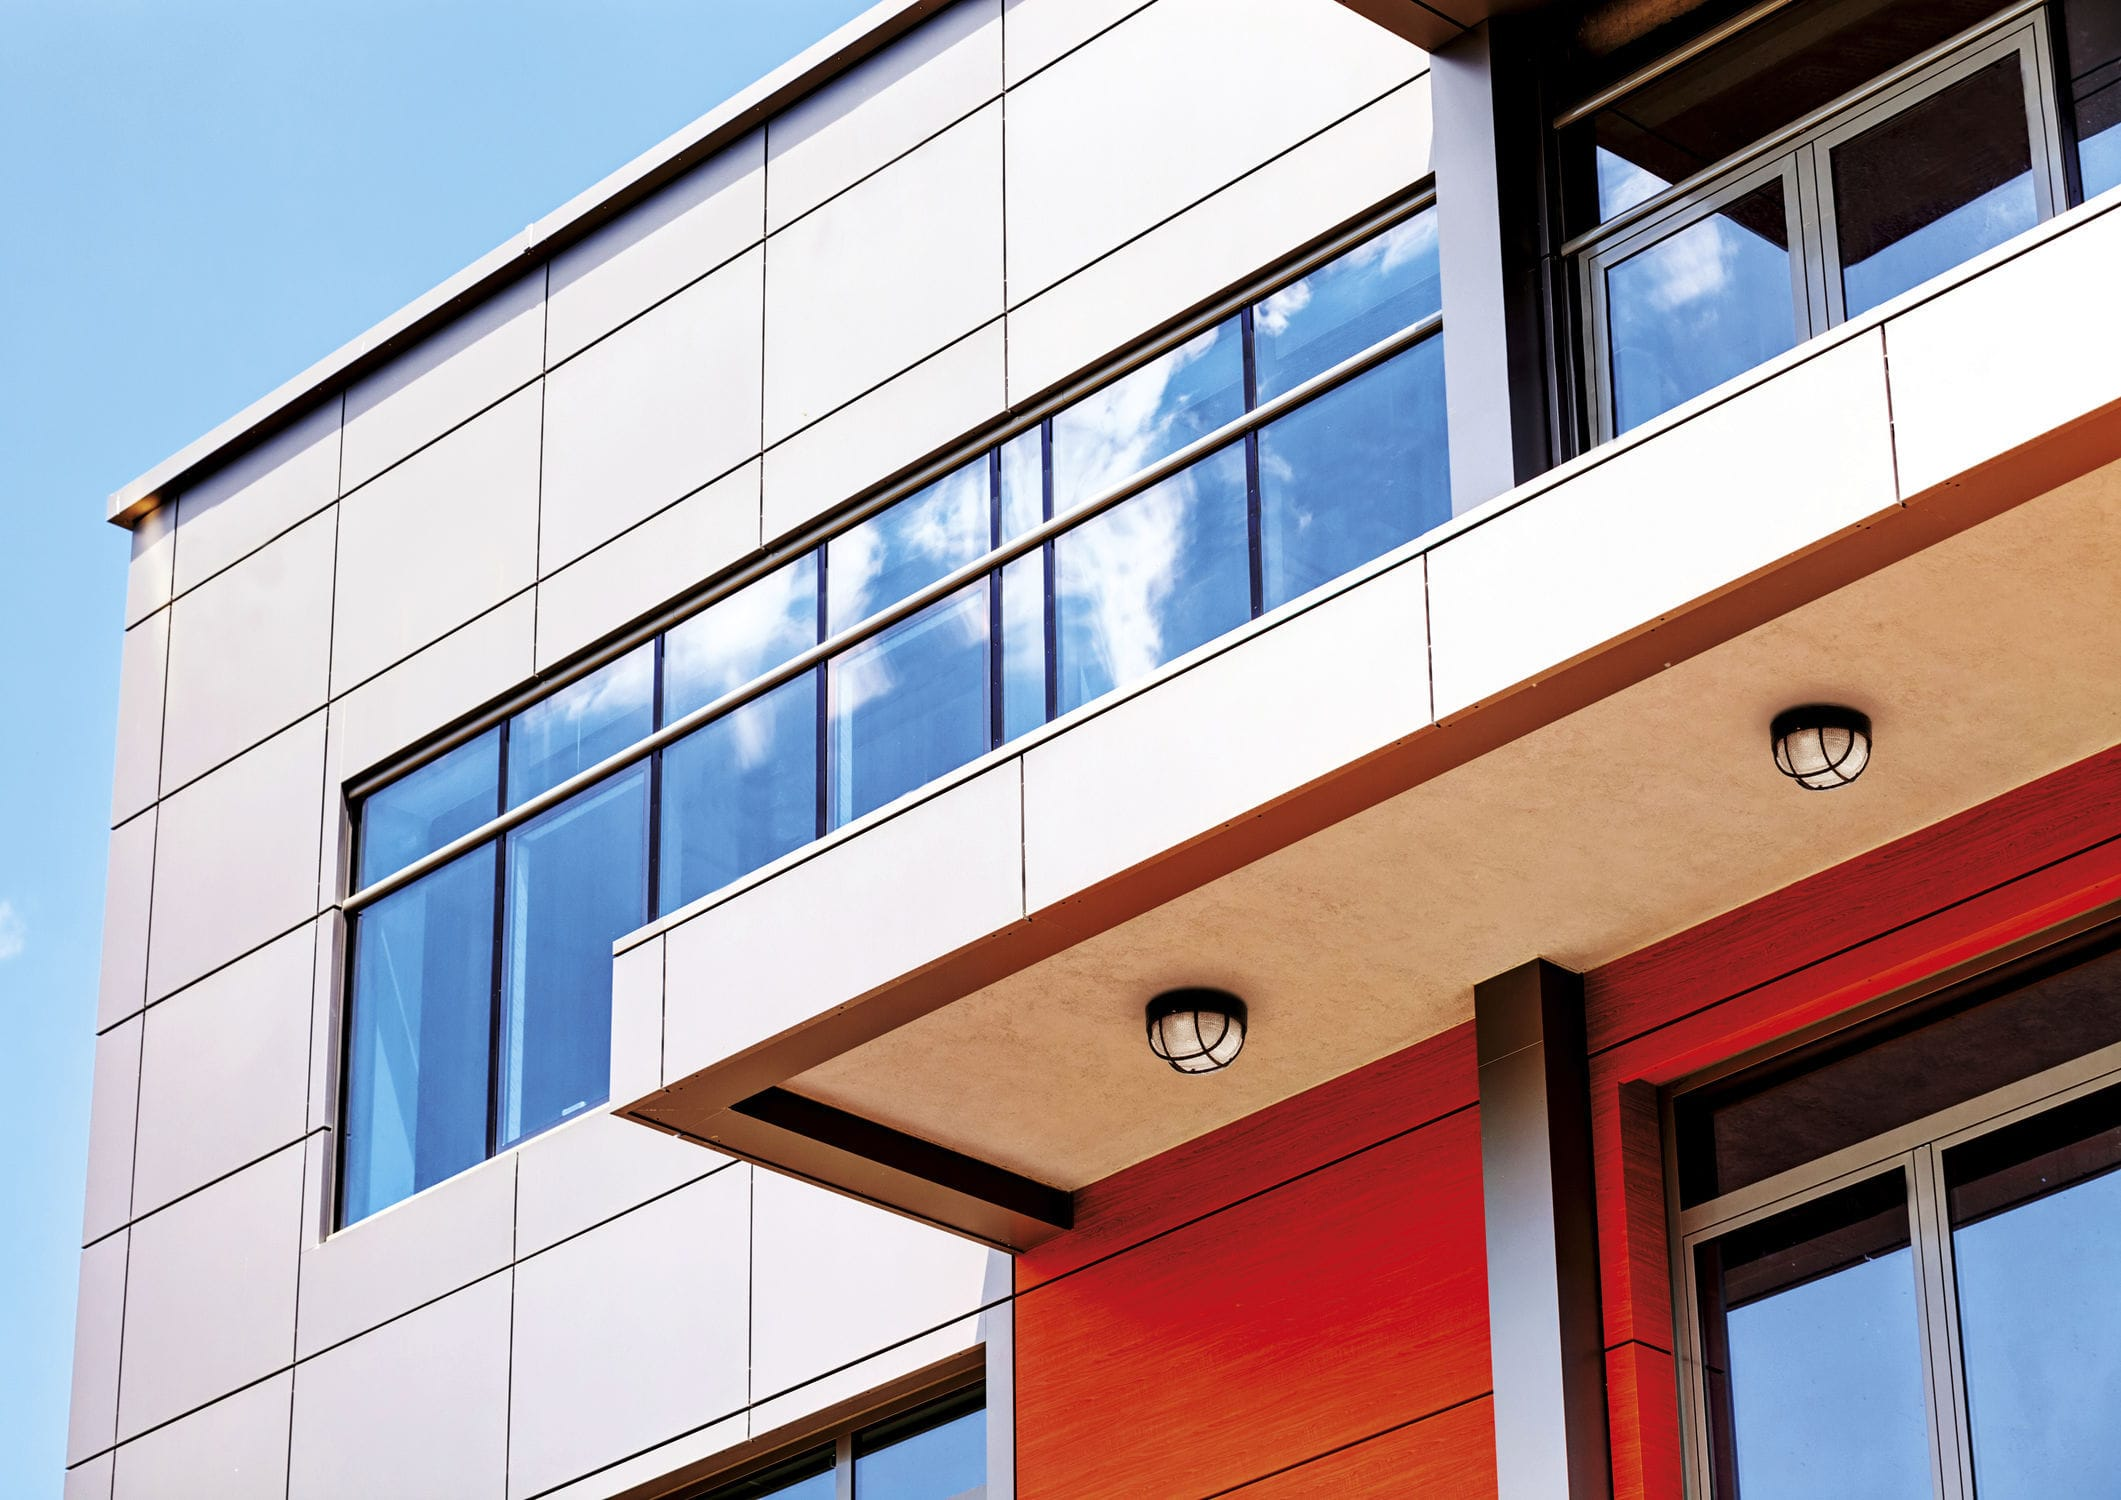 Plafoniere In Vetro Per Esterno : Plafoniera ovale alluminio bianco diffusore vetro esterno palestre